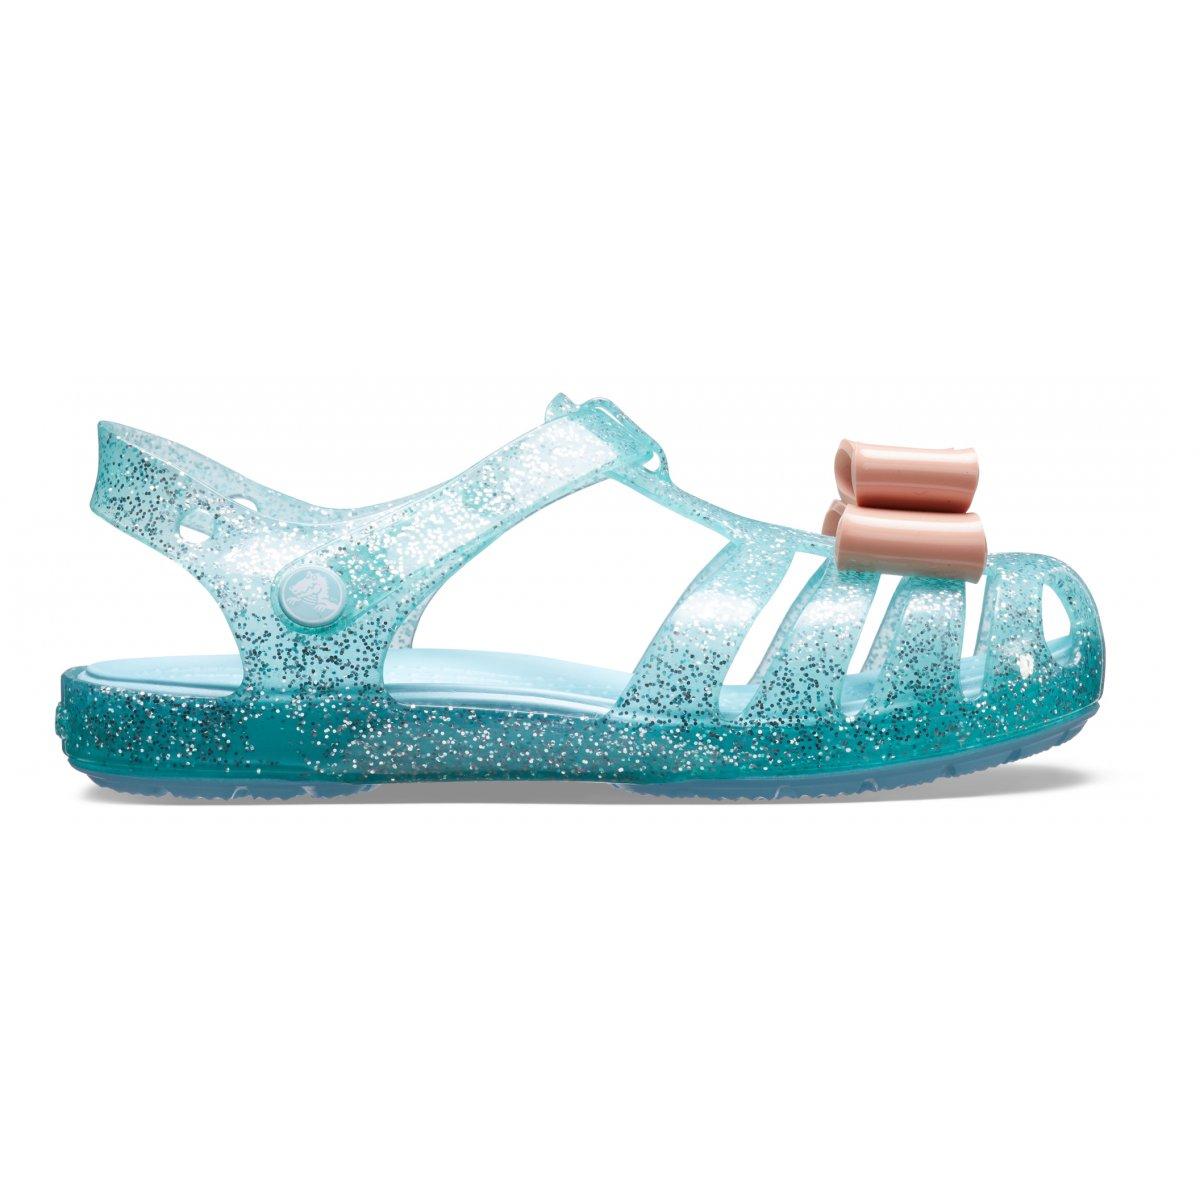 109c5181451a9 Crocs Isabella Bow Sandal K - Infradito   Sandali Footwear Bambina ...